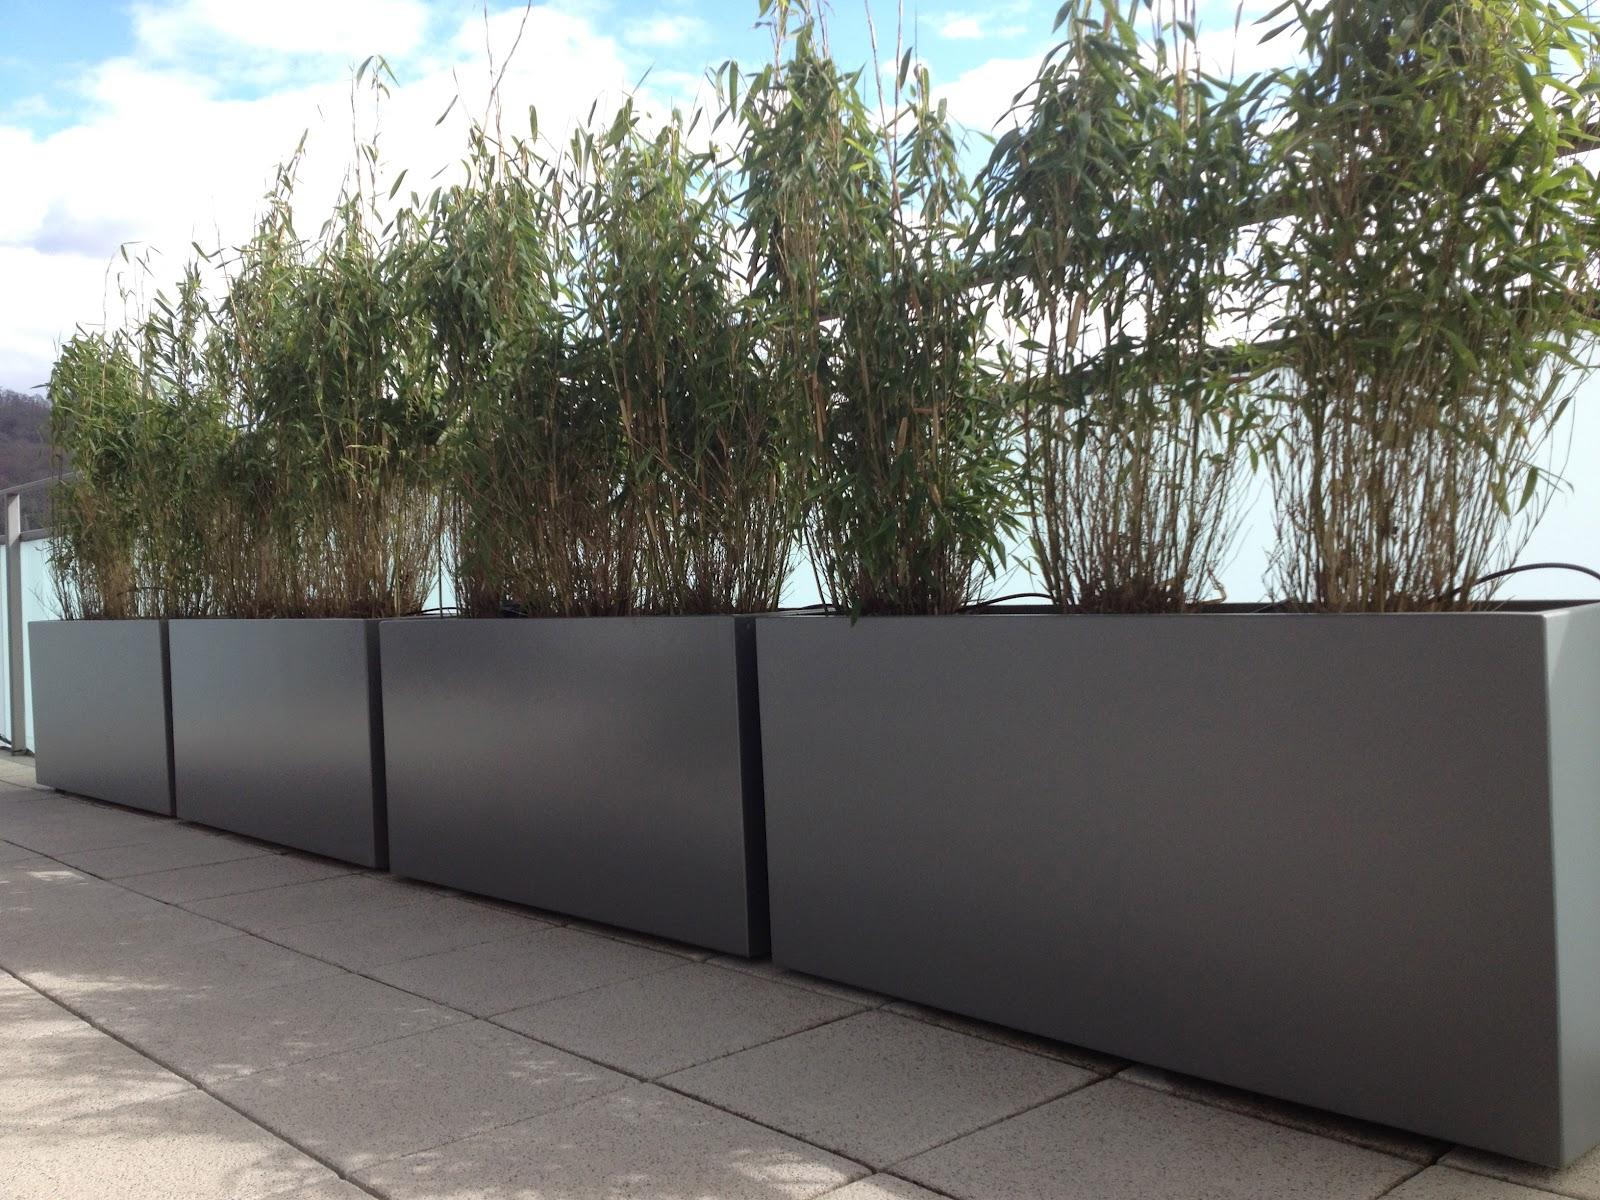 bacs image 39 in bambous en brise vue am nagement terrasse. Black Bedroom Furniture Sets. Home Design Ideas